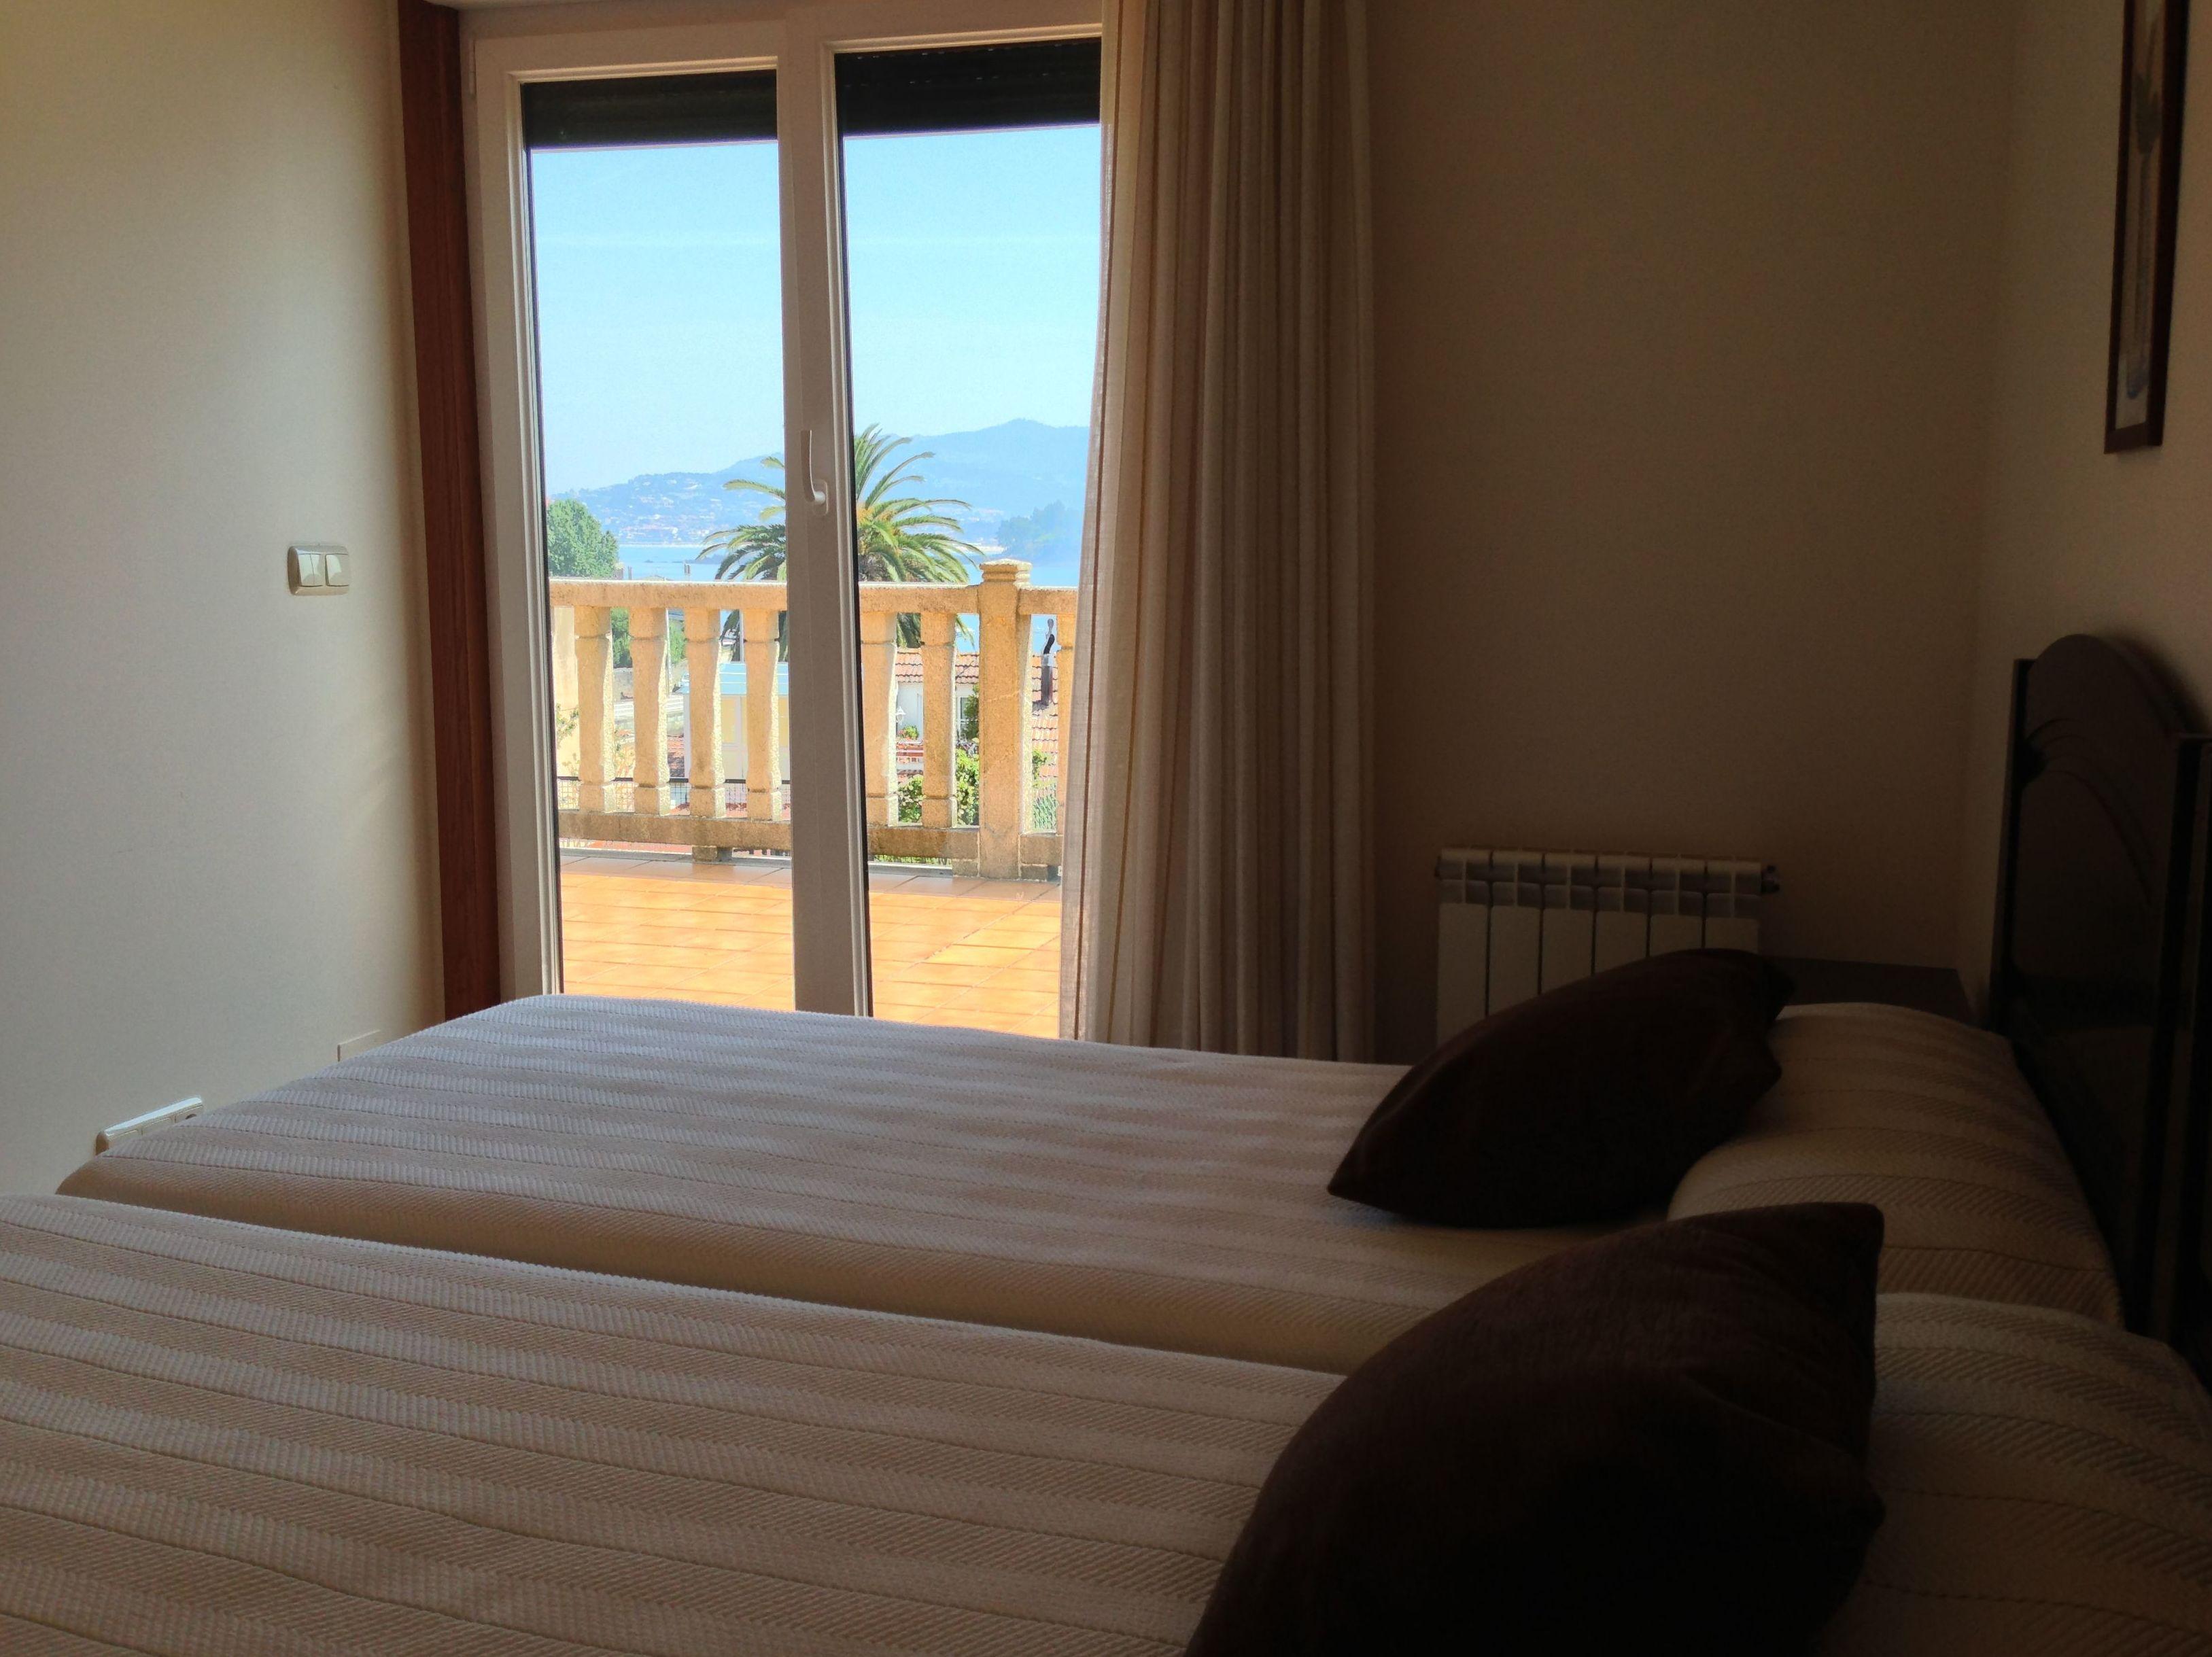 Dormitorio doble con salida directa a la terraza privada con vistas al mar